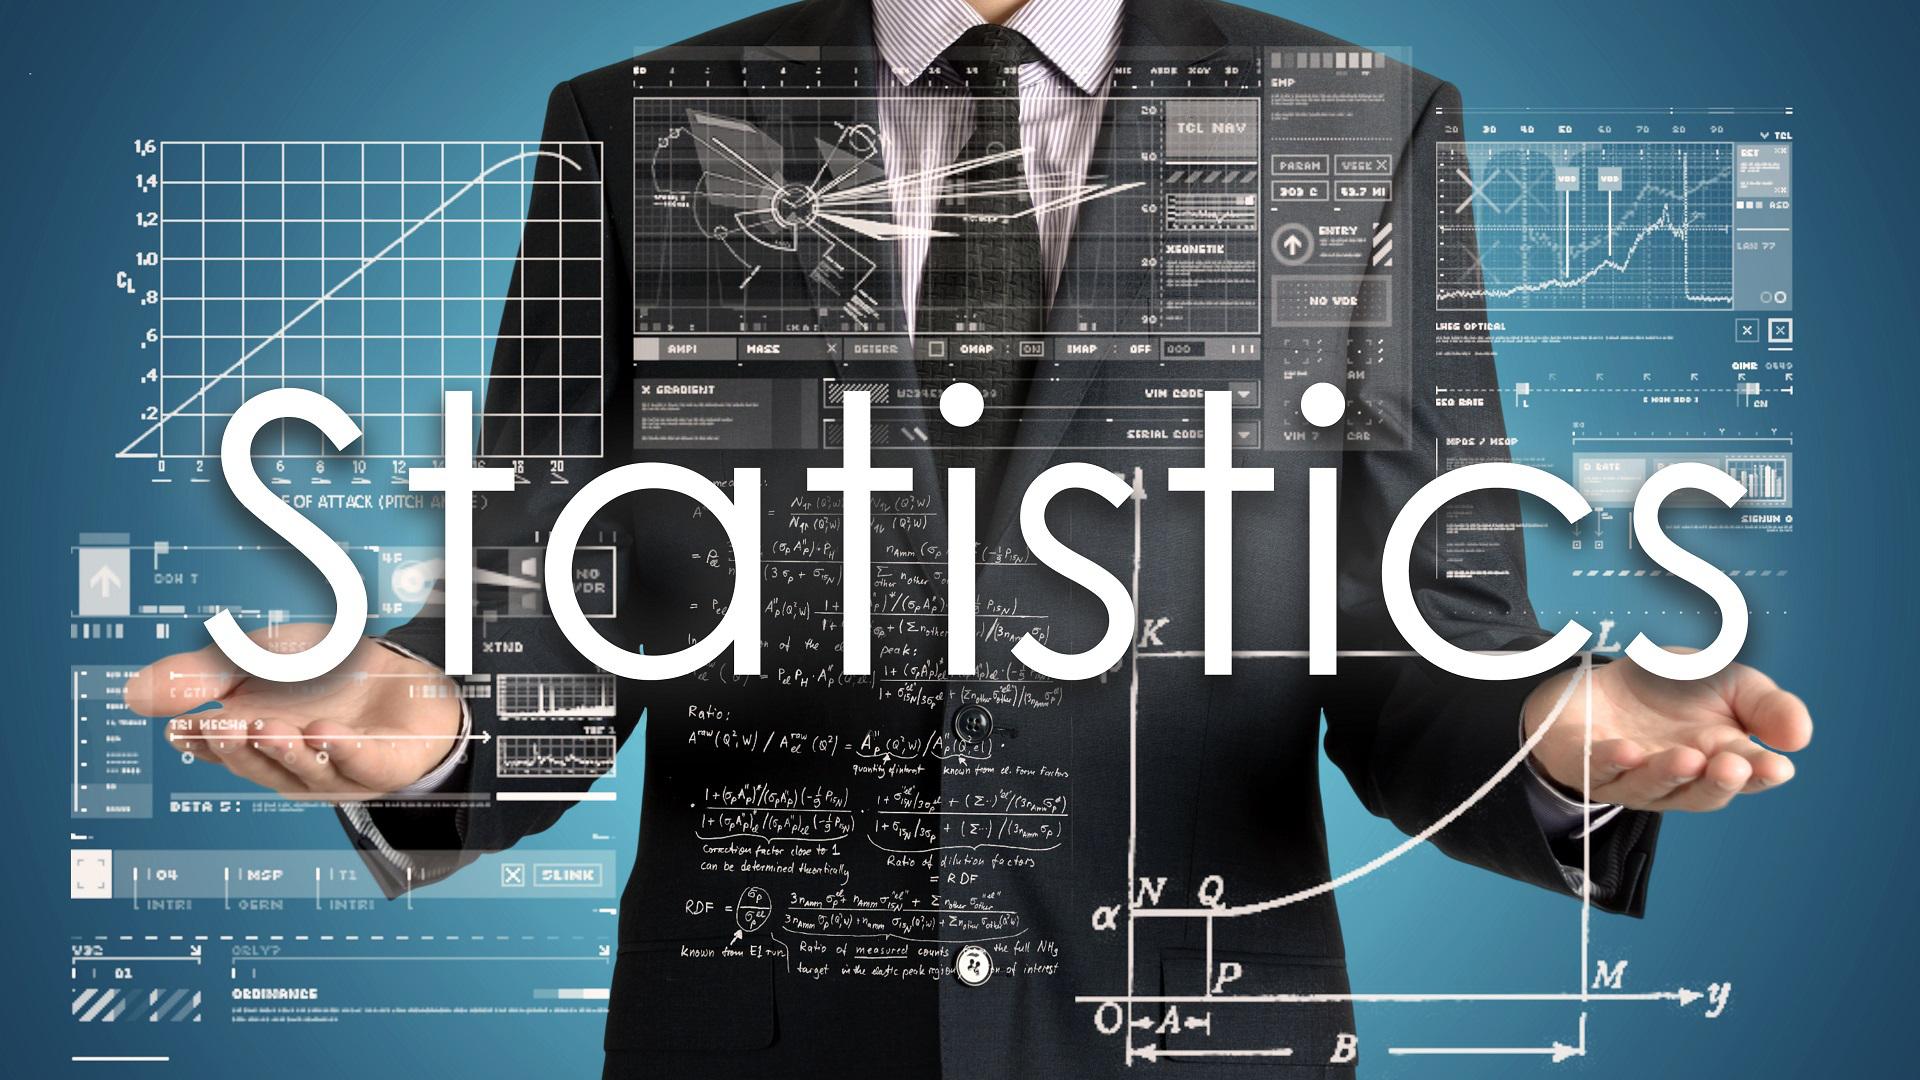 Magistraturalara qəbulun nəticələri haqqında statistik məlumatlar